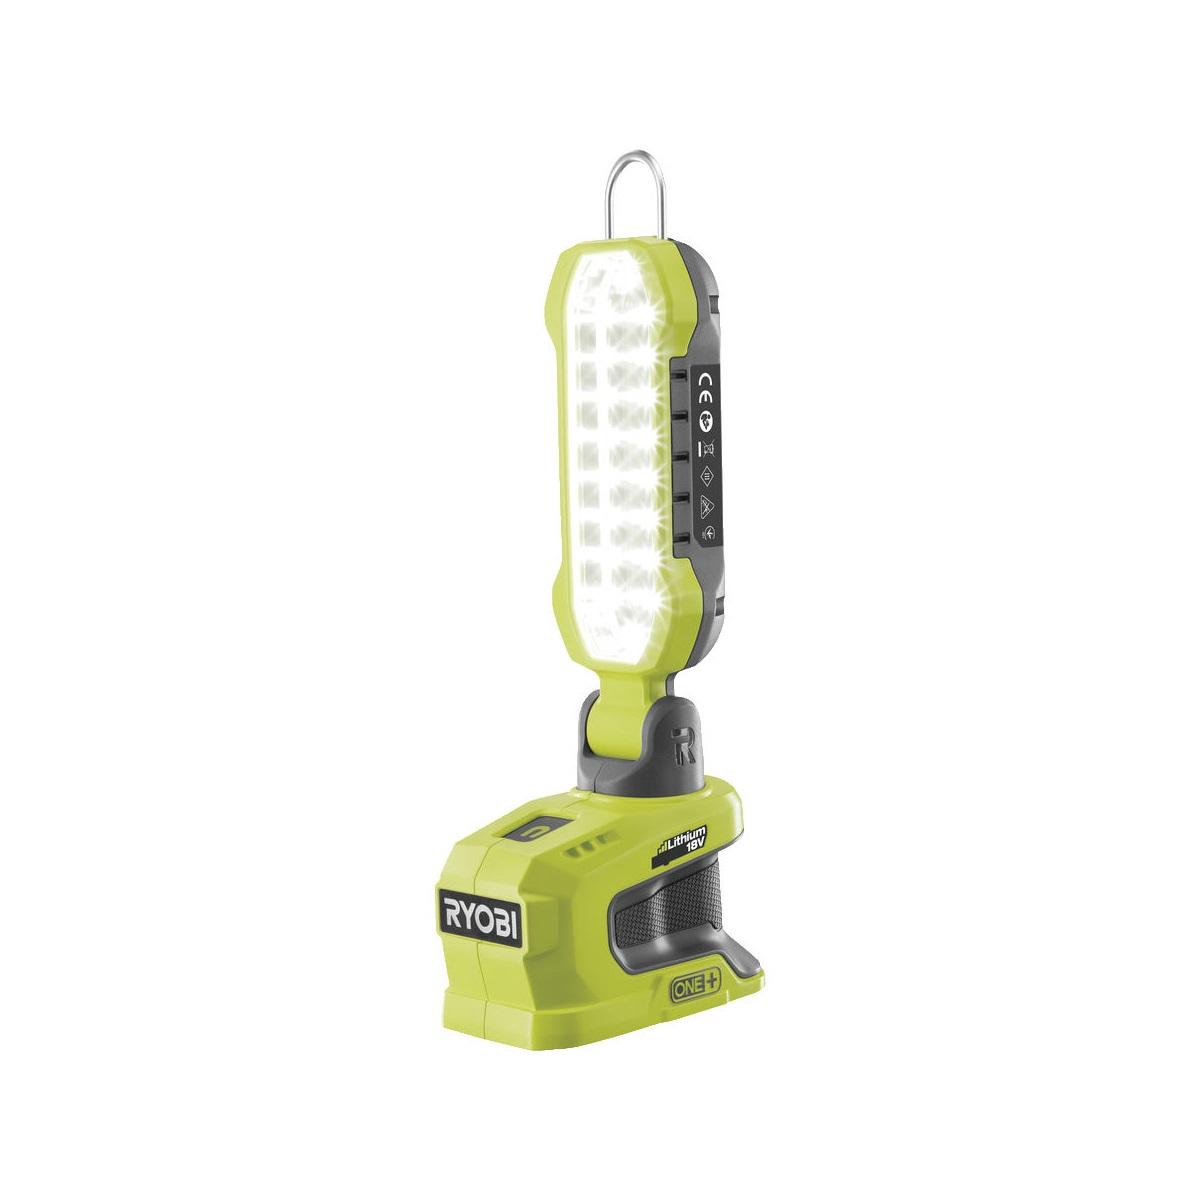 Ryobi R18ALP-0aku 18 V prostorové světlo ONE+(bez baterie a nabíječky)